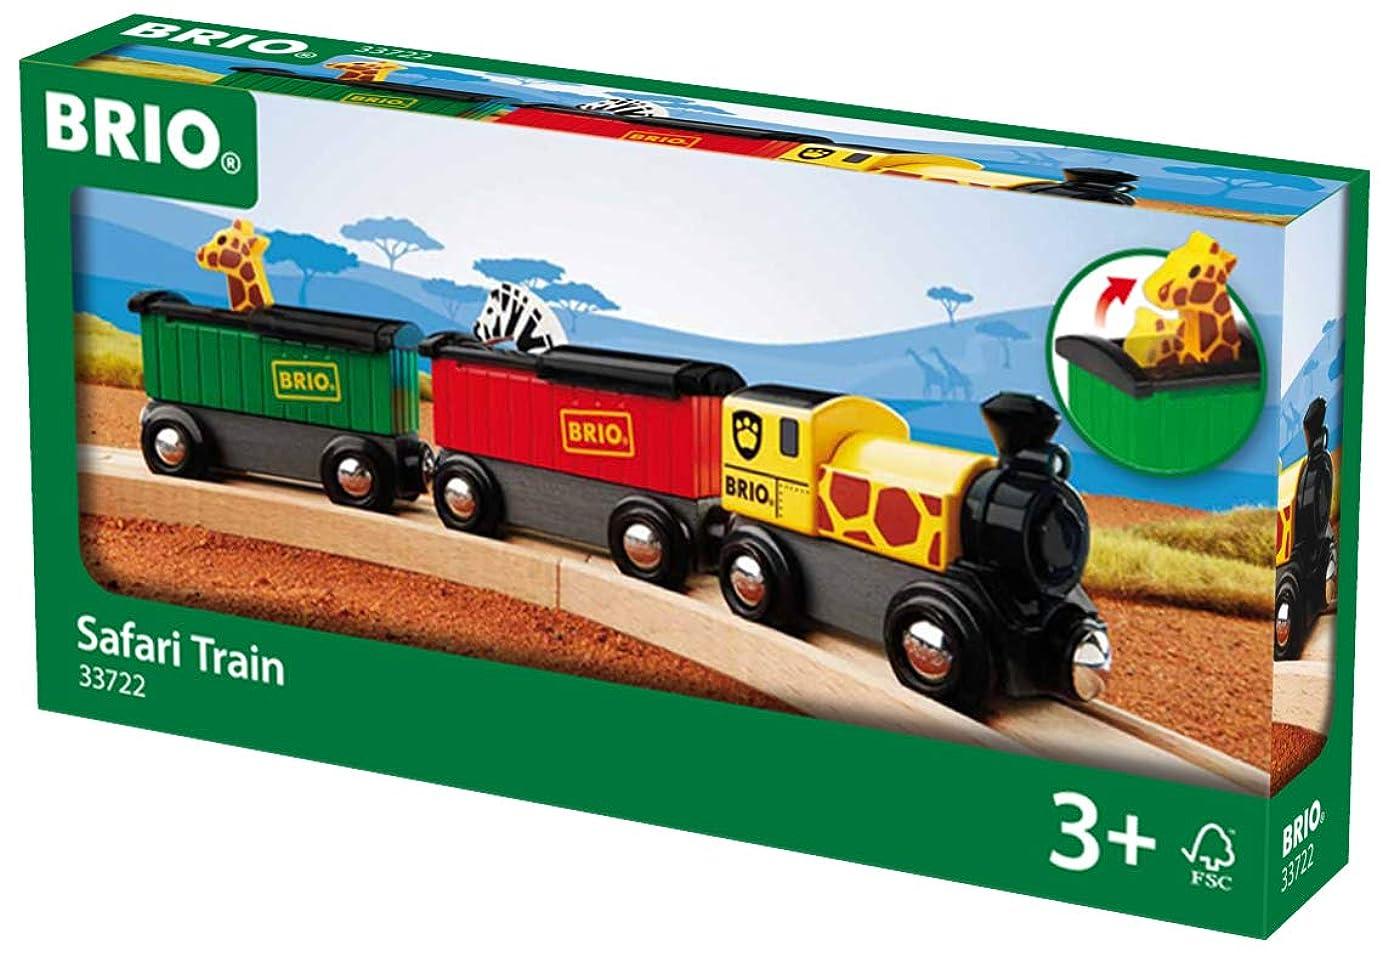 BRIO World - 33722 Safari Train   3 Piece Toy Train Accessory for Kids Age 3 and Up